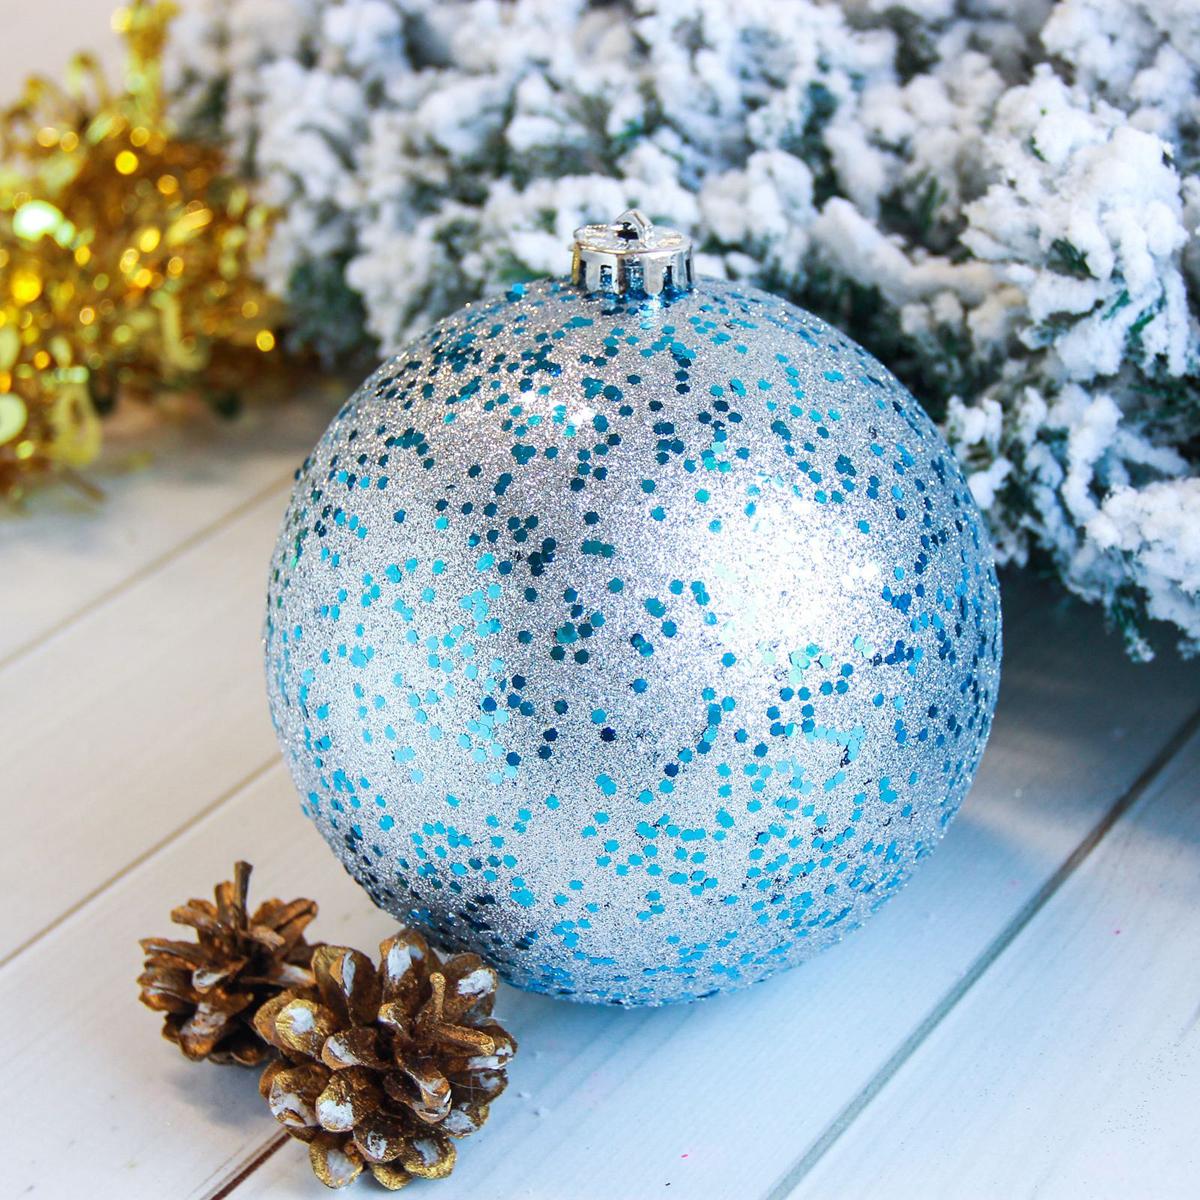 Новогоднее подвесное украшение Sima-land Мега, диаметр 15 см2122919Новогоднее подвесное украшение Sima-land отлично подойдет для декорации вашего дома и новогодней ели. Новогоднее украшение можно повесить в любом понравившемся вам месте. Но, конечно, удачнее всего оно будет смотреться на праздничной елке.Елочная игрушка - символ Нового года. Она несет в себе волшебство и красоту праздника. Такое украшение создаст в вашем доме атмосферу праздника, веселья и радости.